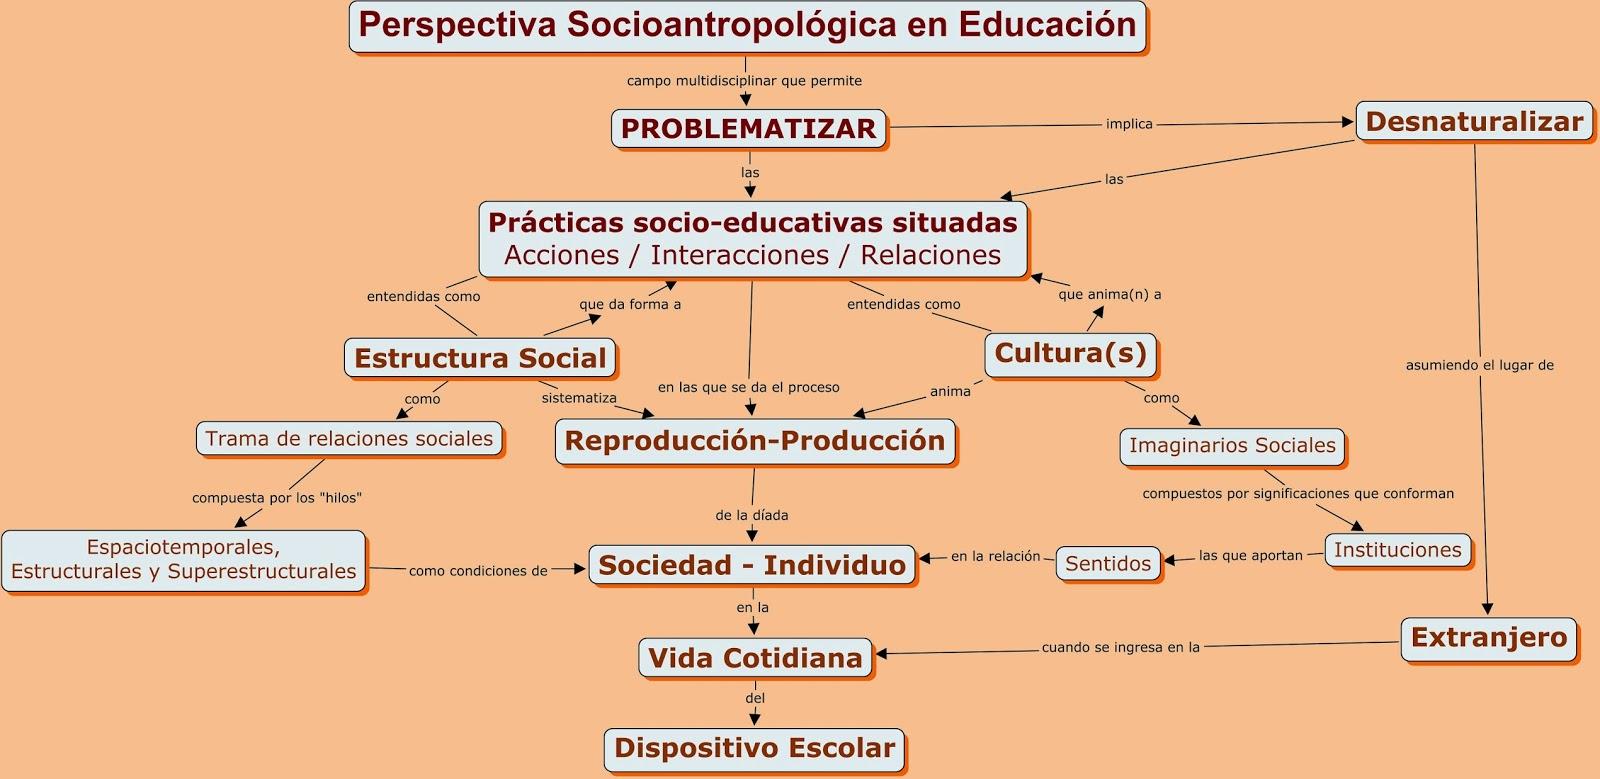 De hecho dicha comprensi n con los aportes de la etnograf a y la sociolog a interpretativa conlleva la desnaturalizaci n de la realidad escolar